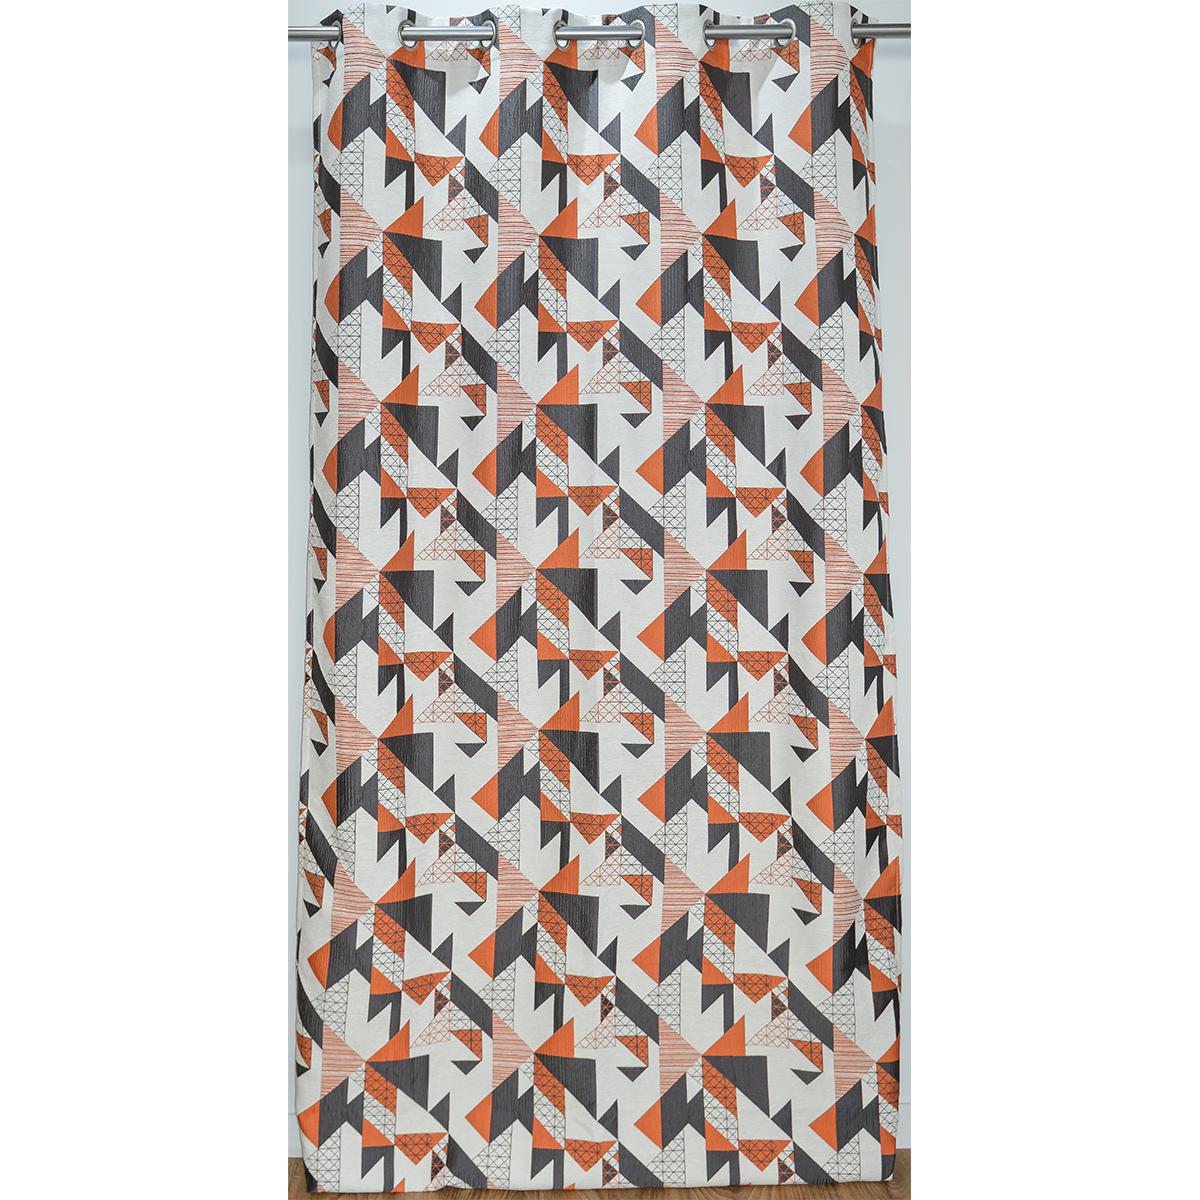 Rideau ameublement jacquard motif géométrique 140x260 cm (Mandarine)